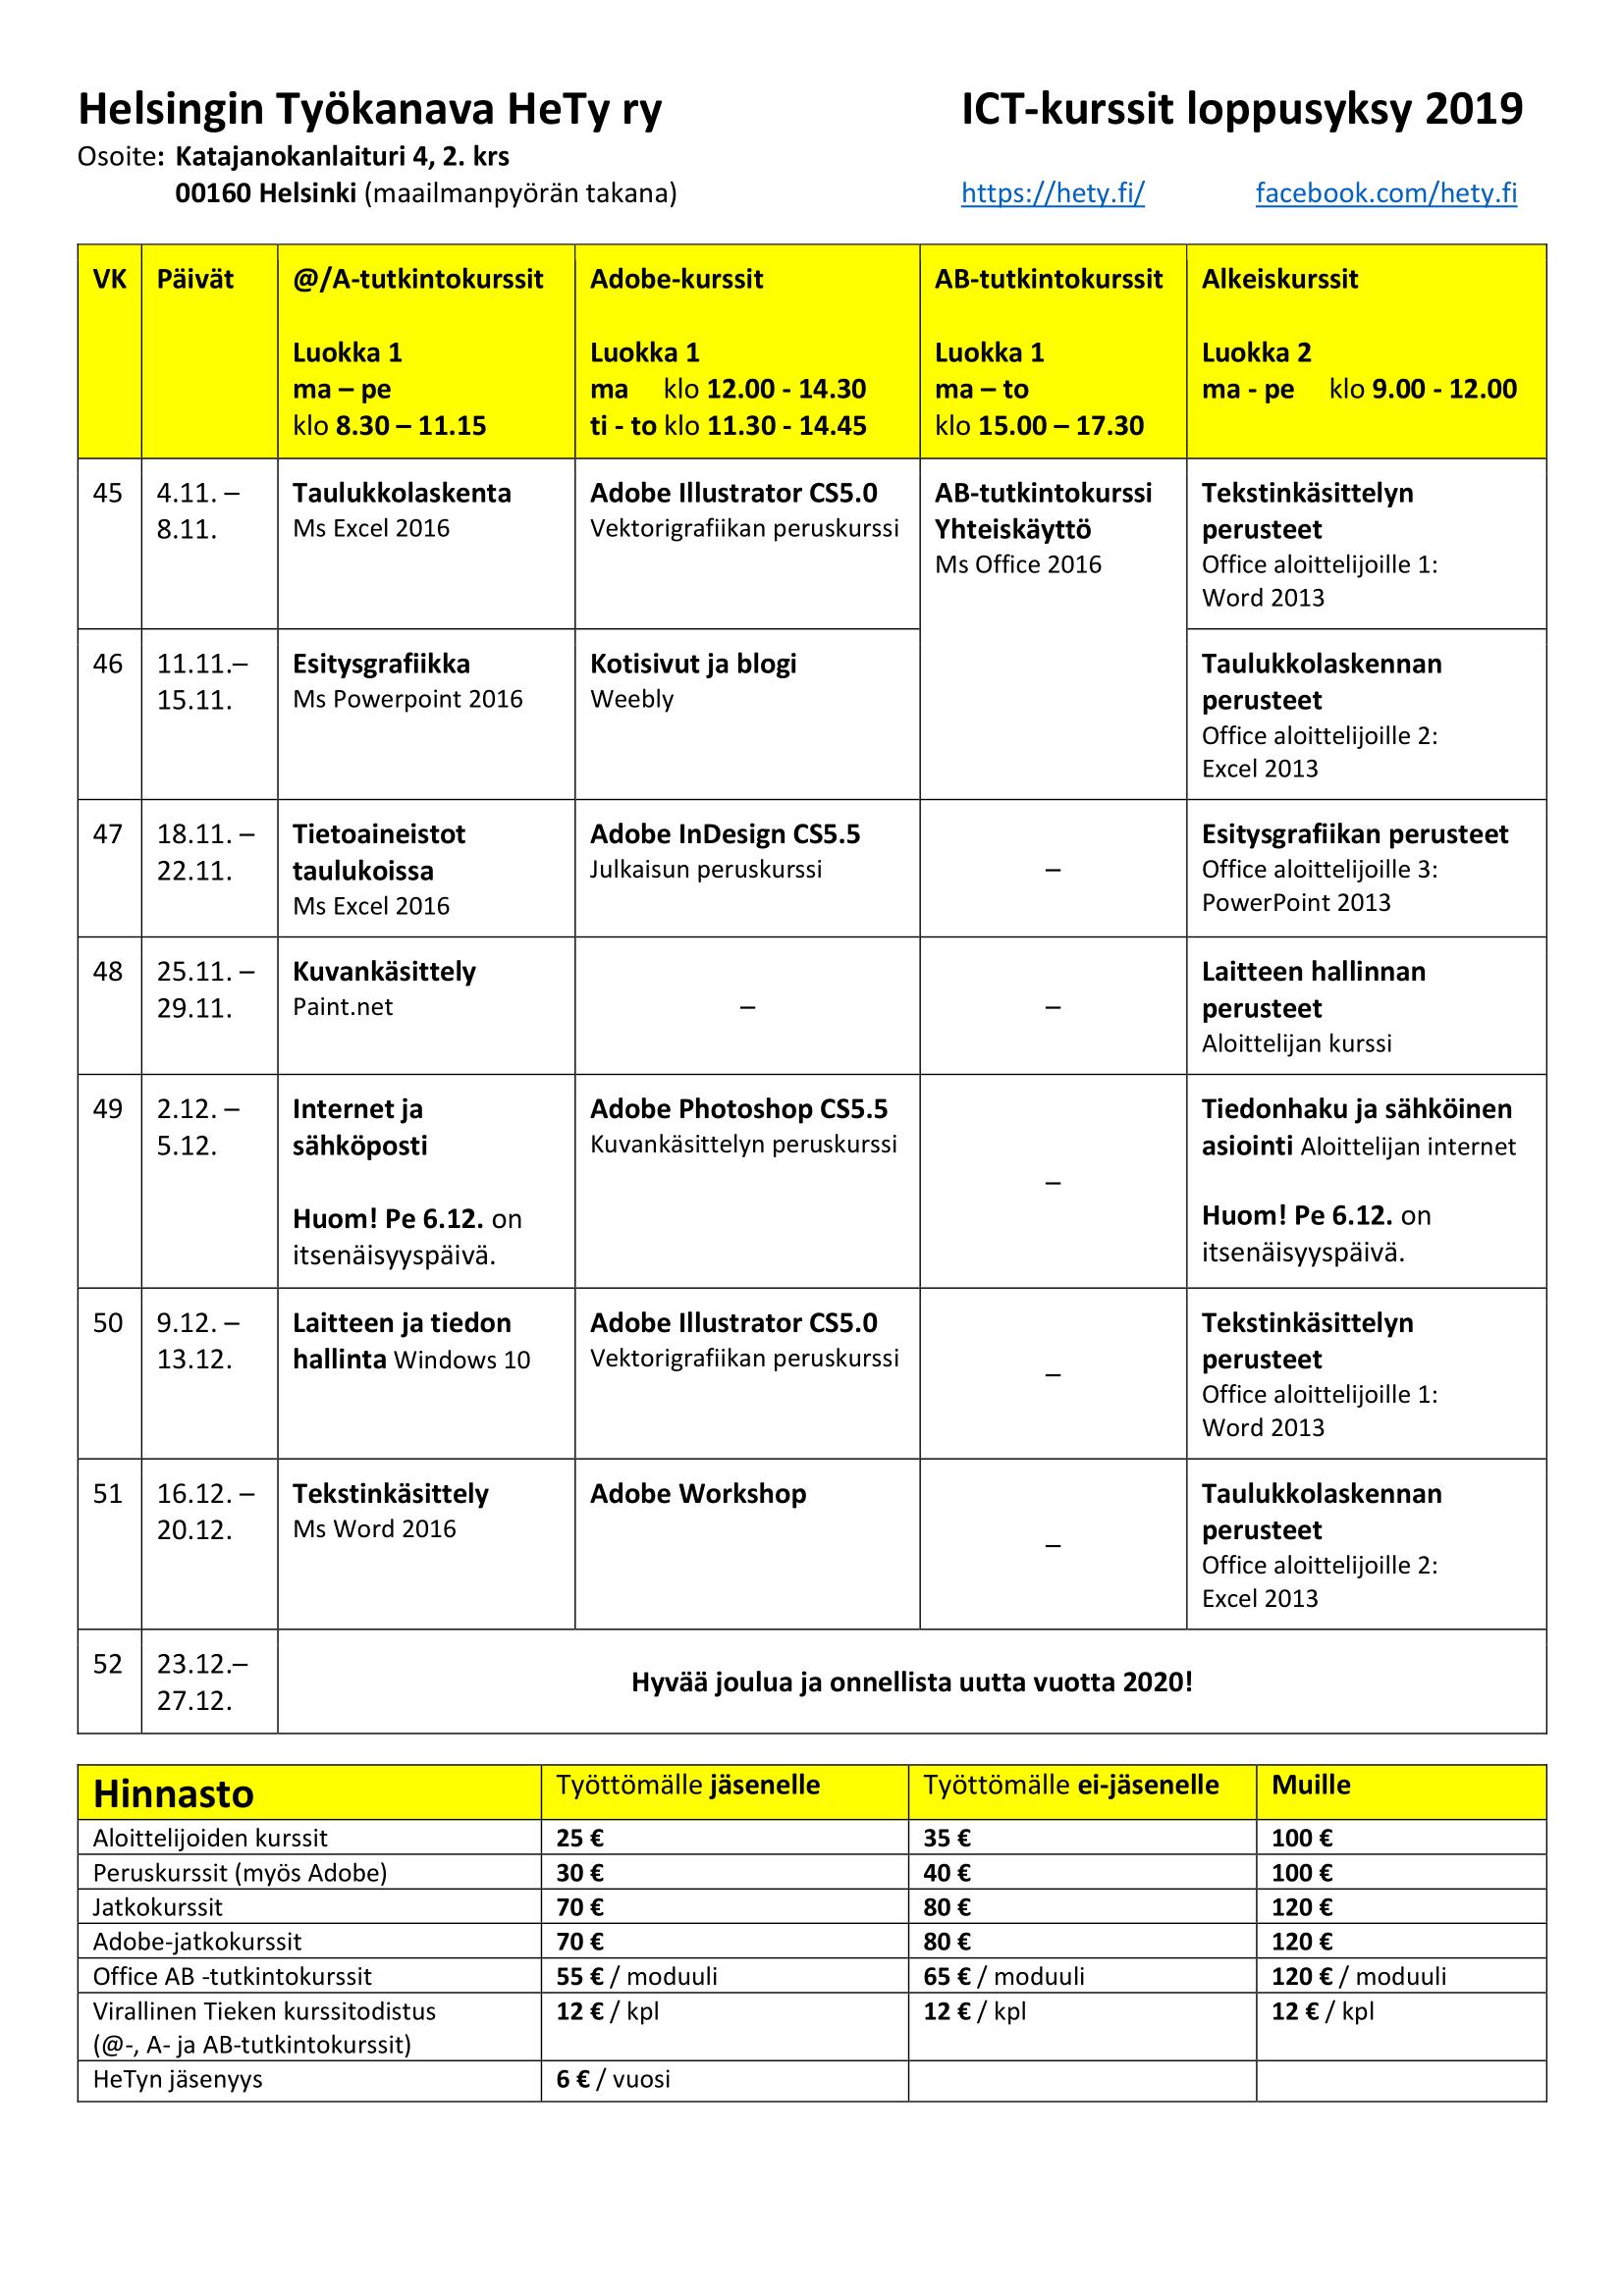 ICT-kurssit 2019 vk 45-52